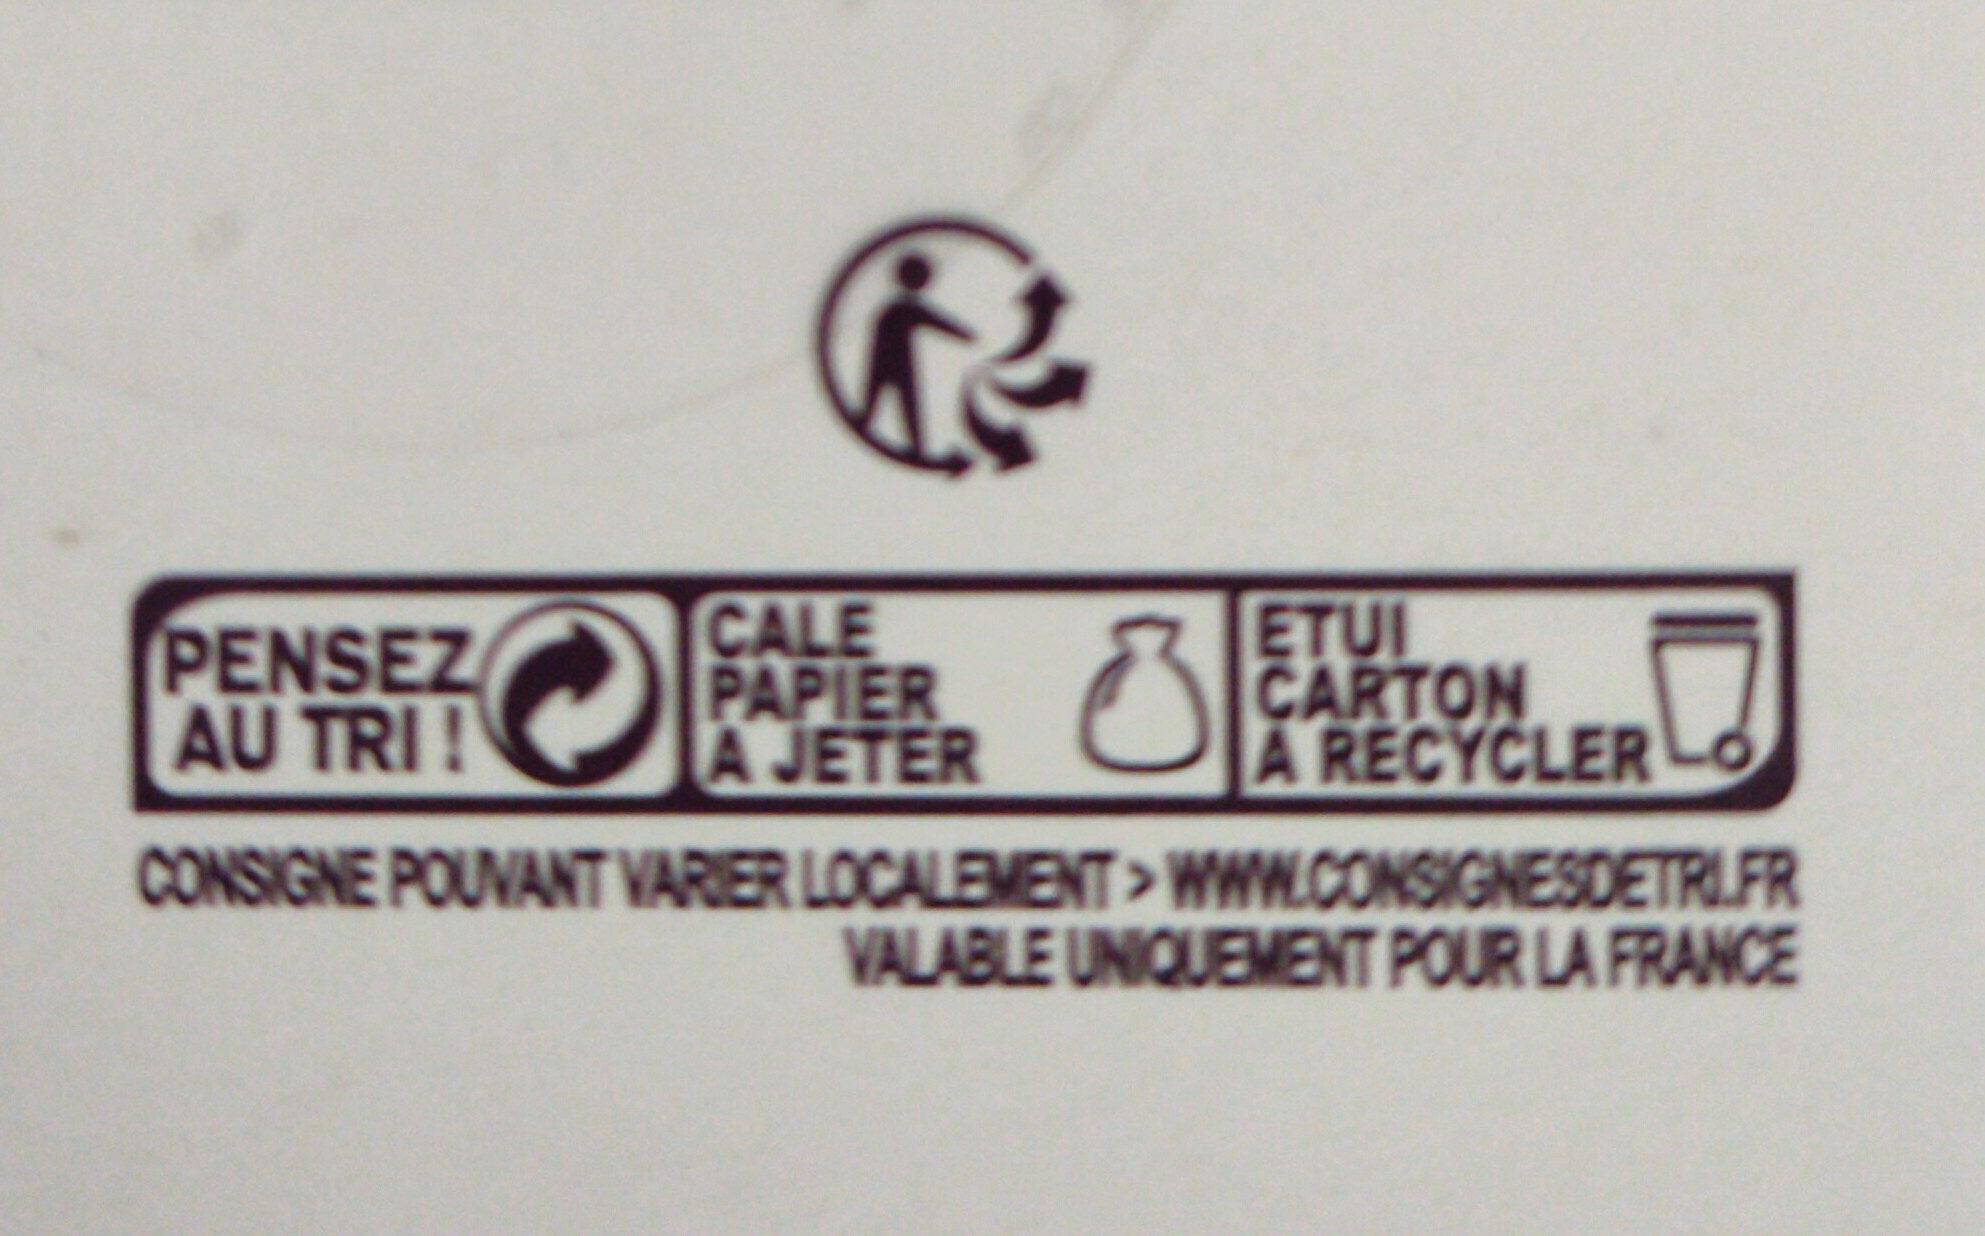 Orangettes au chocolat noir - Instruction de recyclage et/ou informations d'emballage - fr